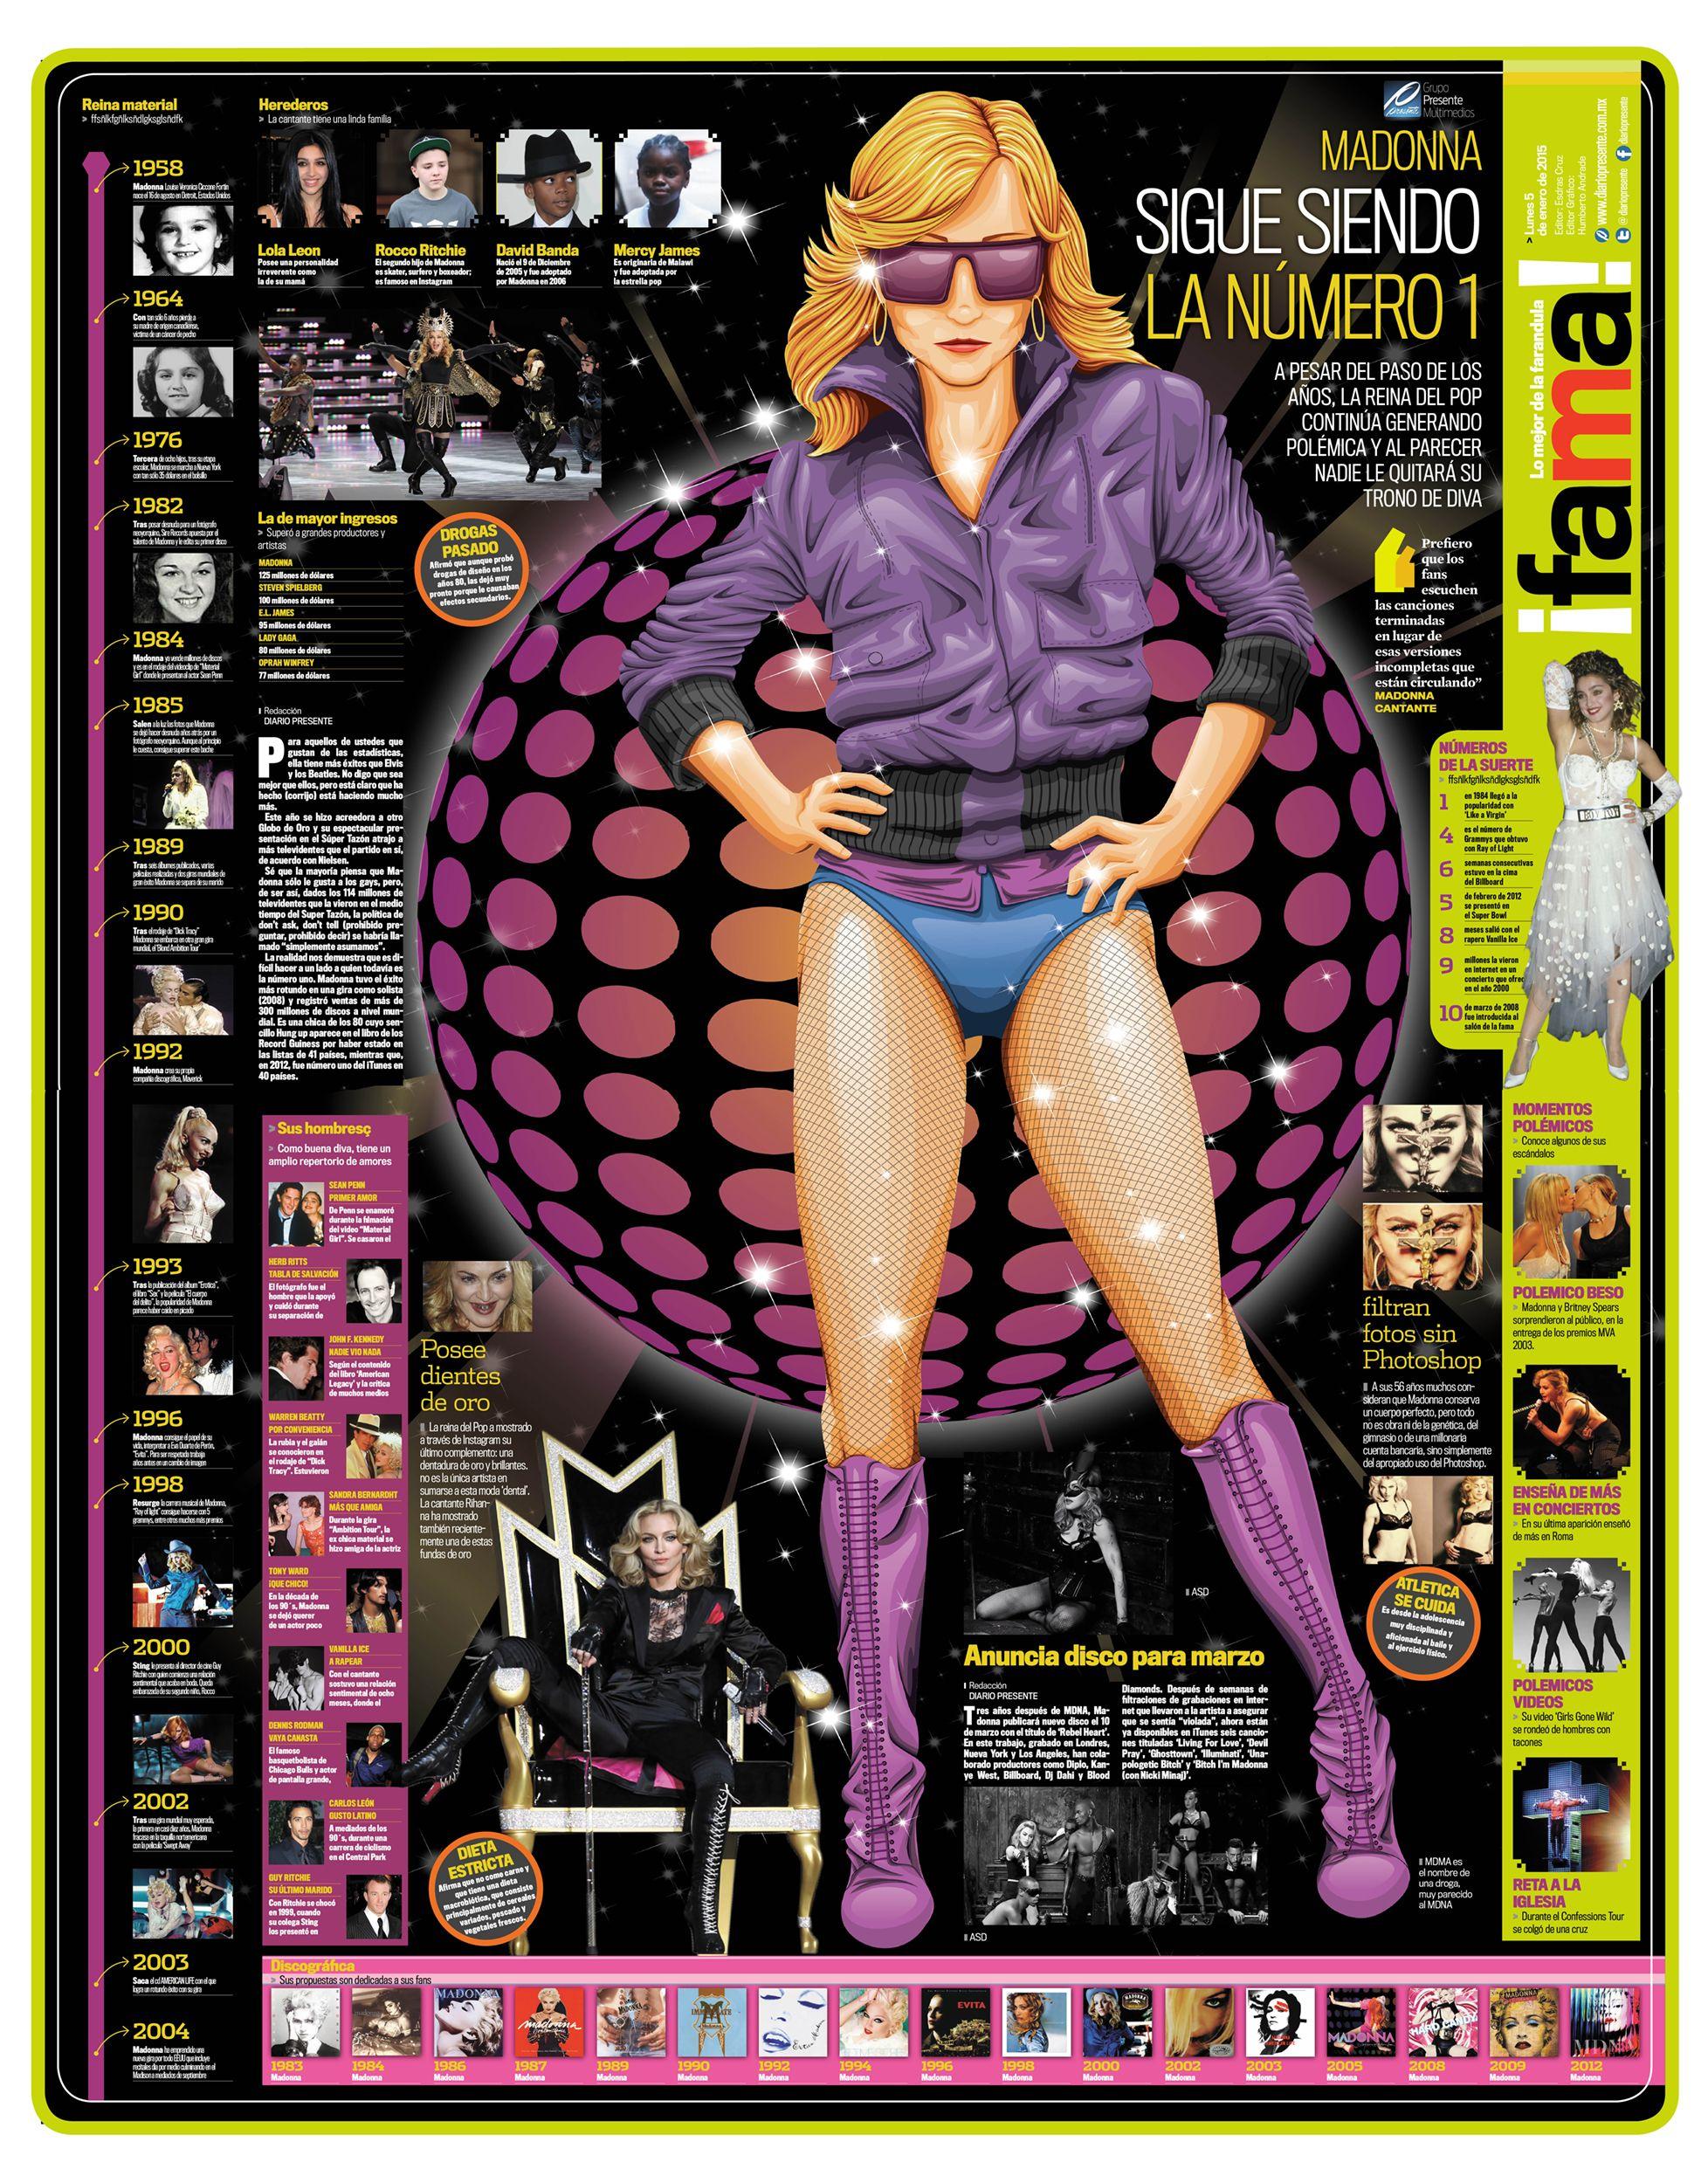 Madonna, Enero 2015, Diario Presente, México./  Ilustracion hecha en un 90% en Illustrator y un 10% en Photoshop. Traté de hacerla lo más cercano a la realidad sin perder demasiado el estilo, hecha completamente en vectores incluso las medias aunque con ellas jugué más en photoshop, por las curvas y eso.